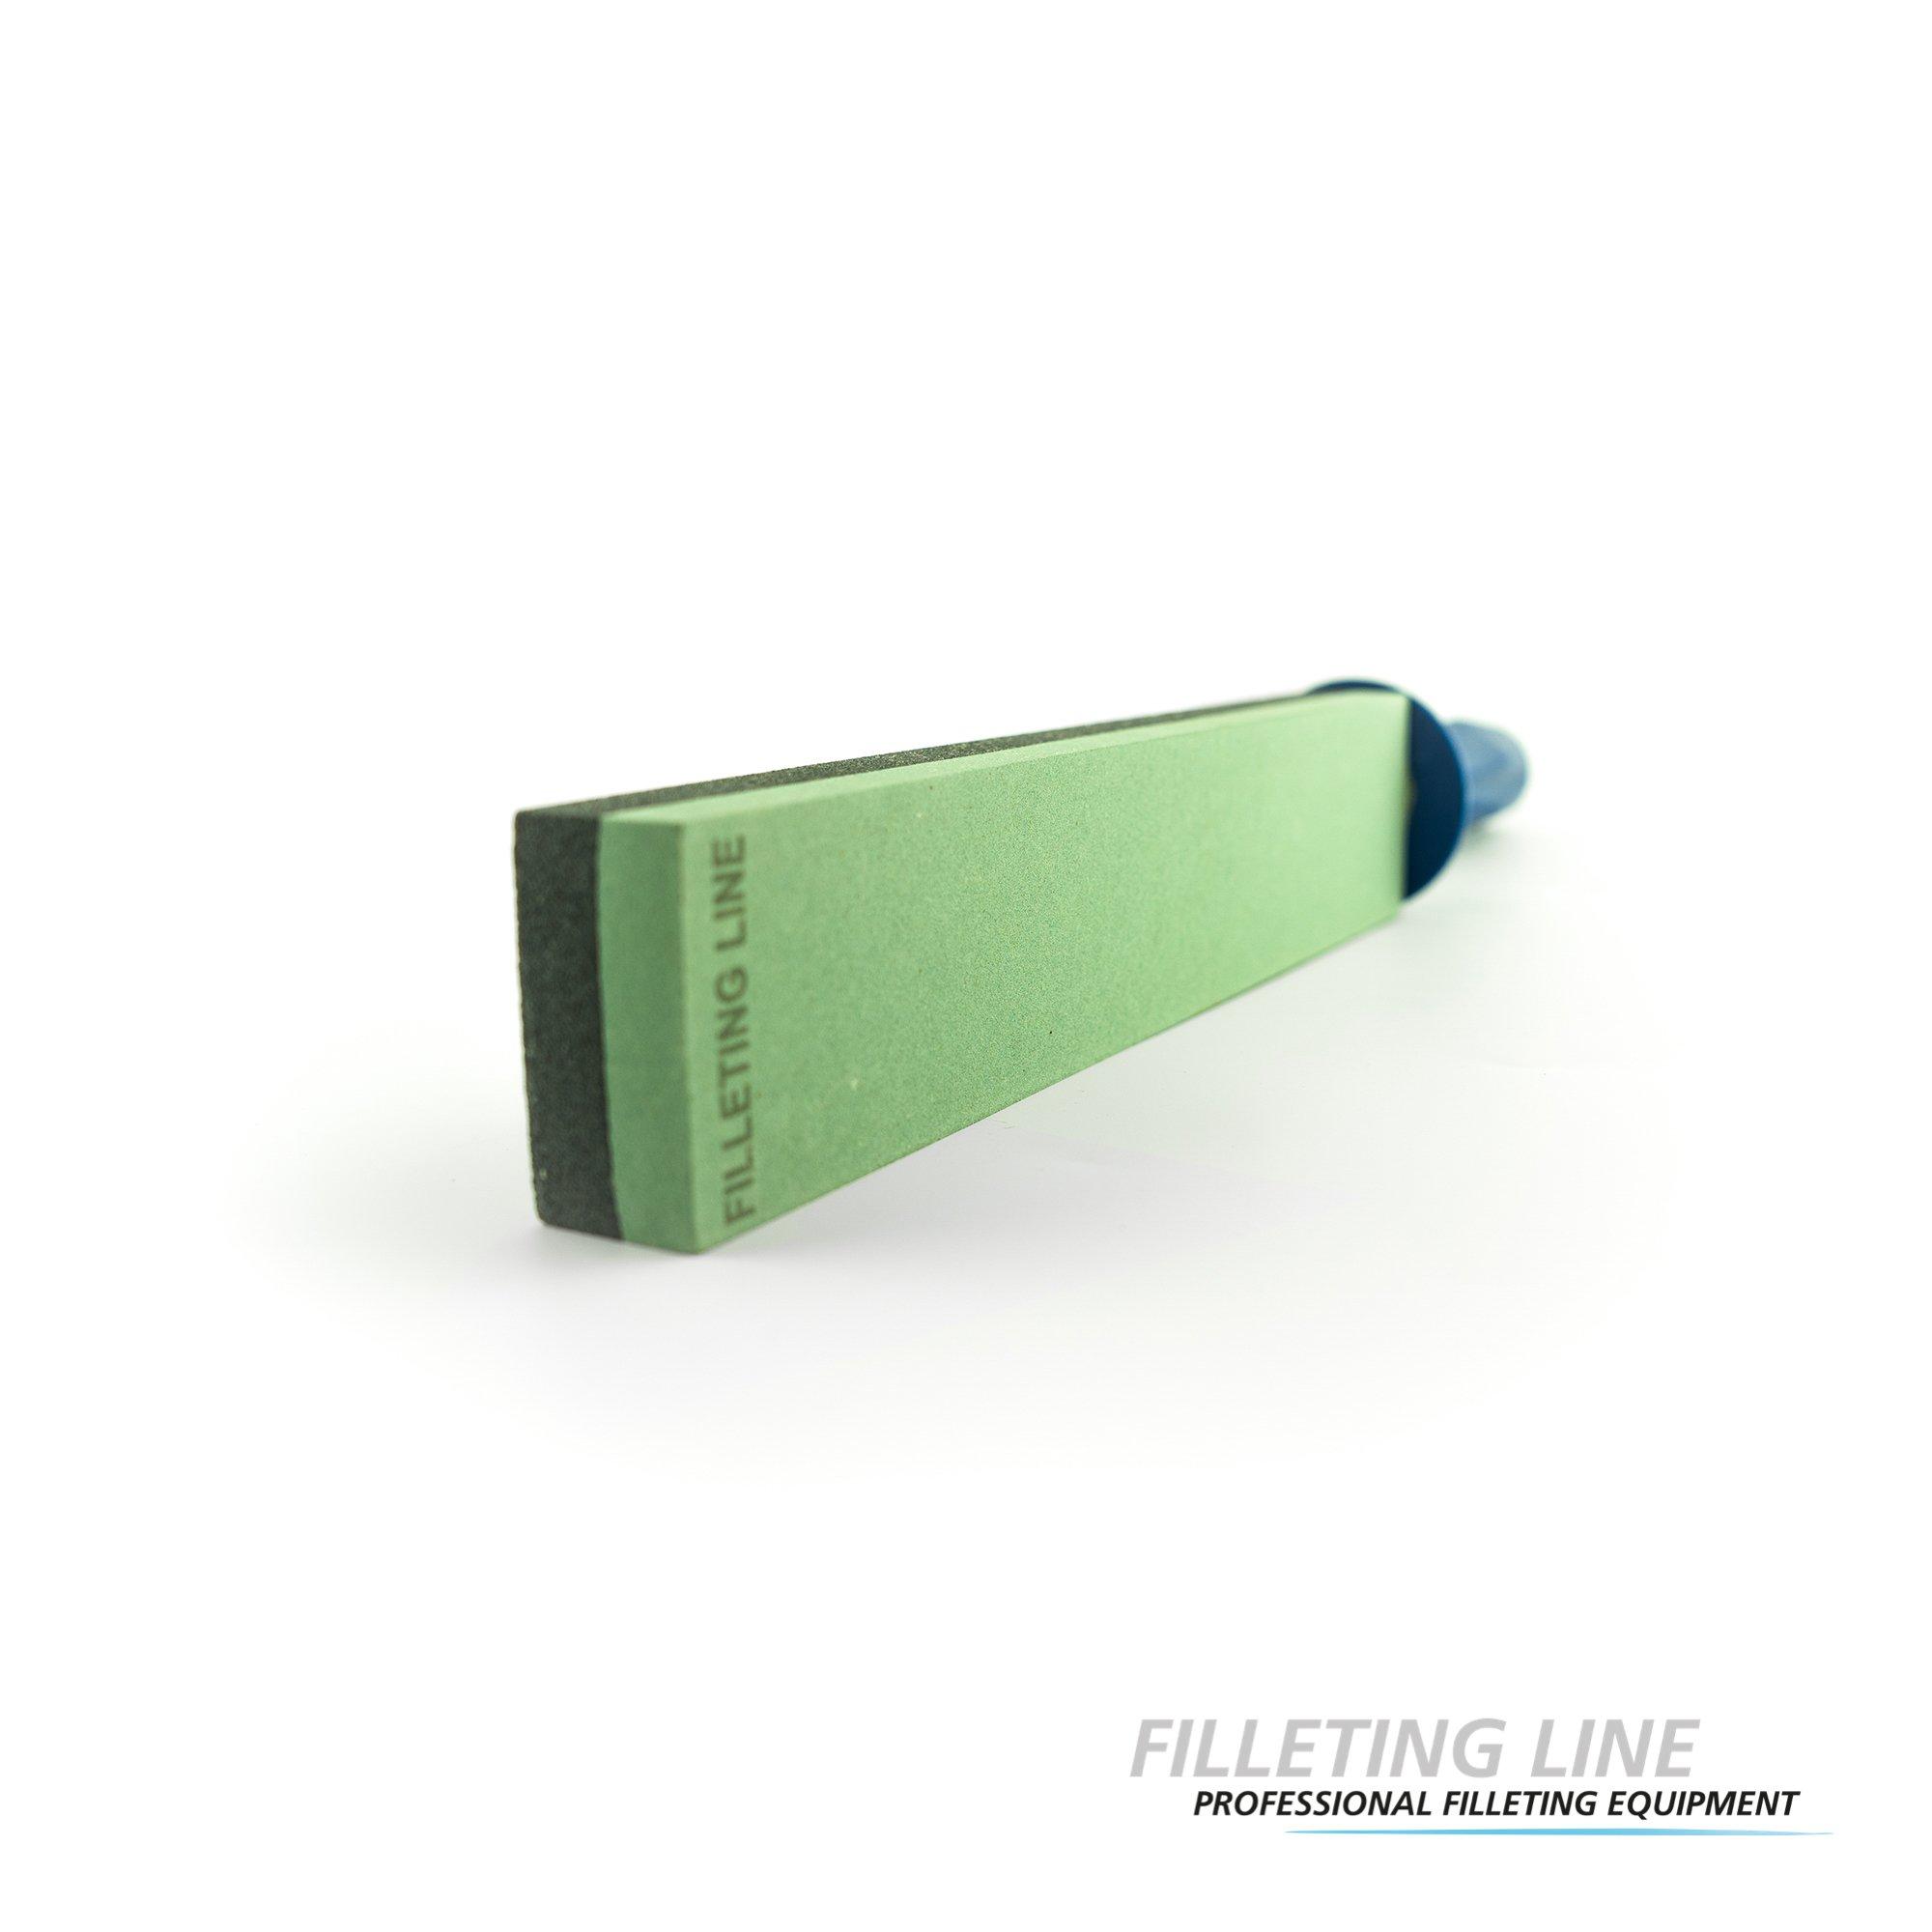 FILLETING LINE_2000x2000_45_logo_-24